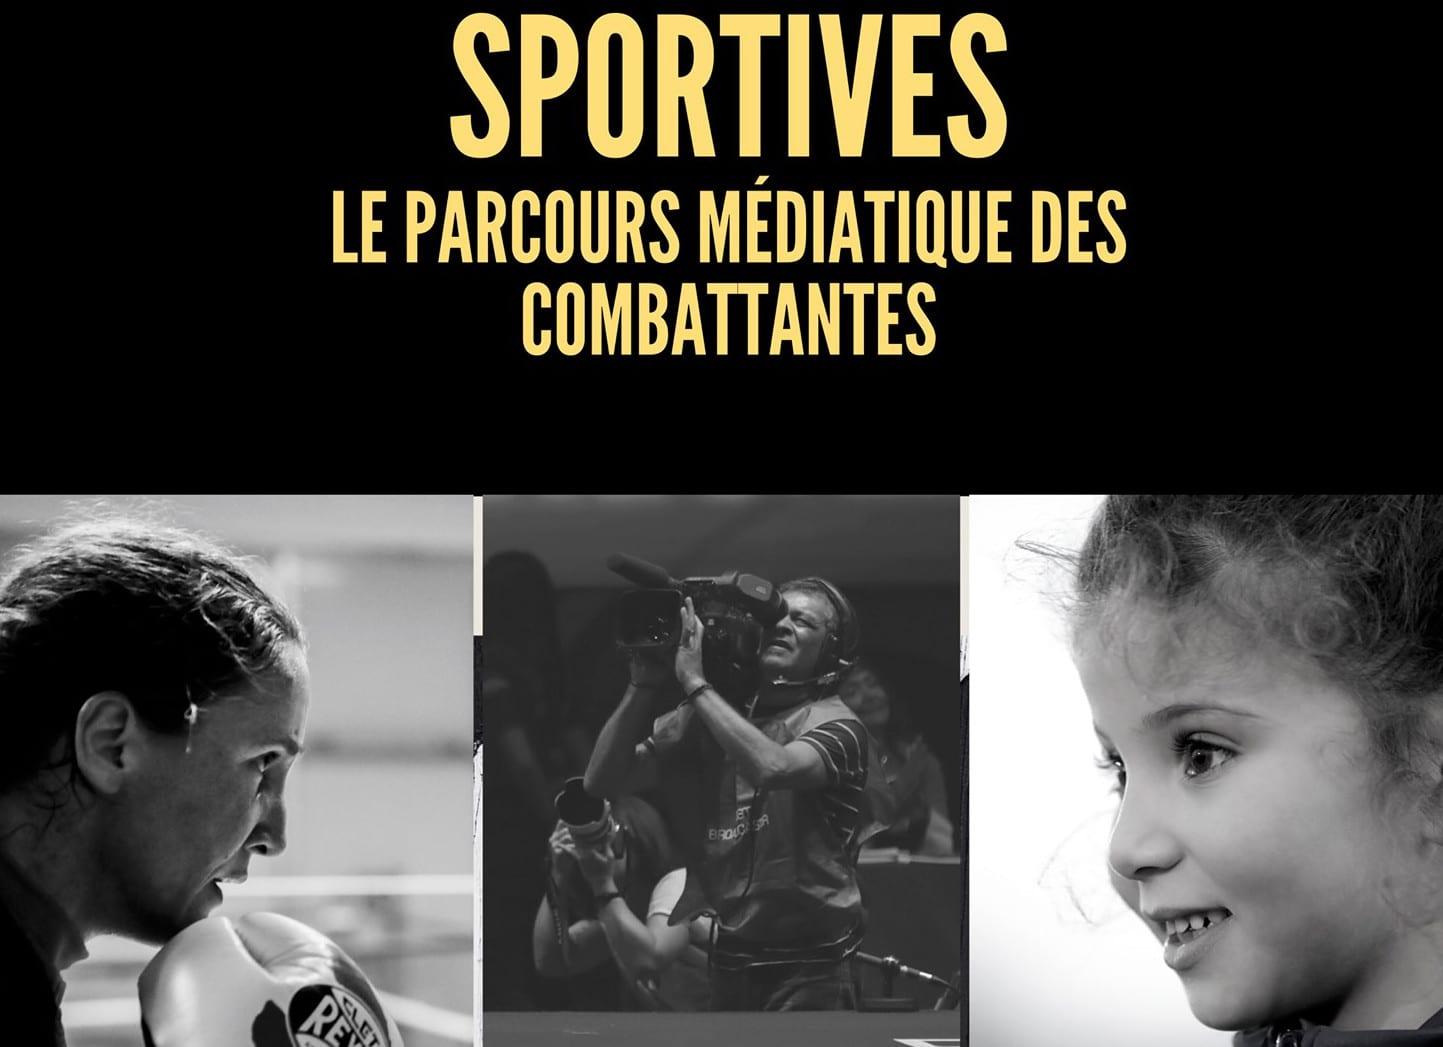 « Sportives : le parcours médiatique des combattantes »